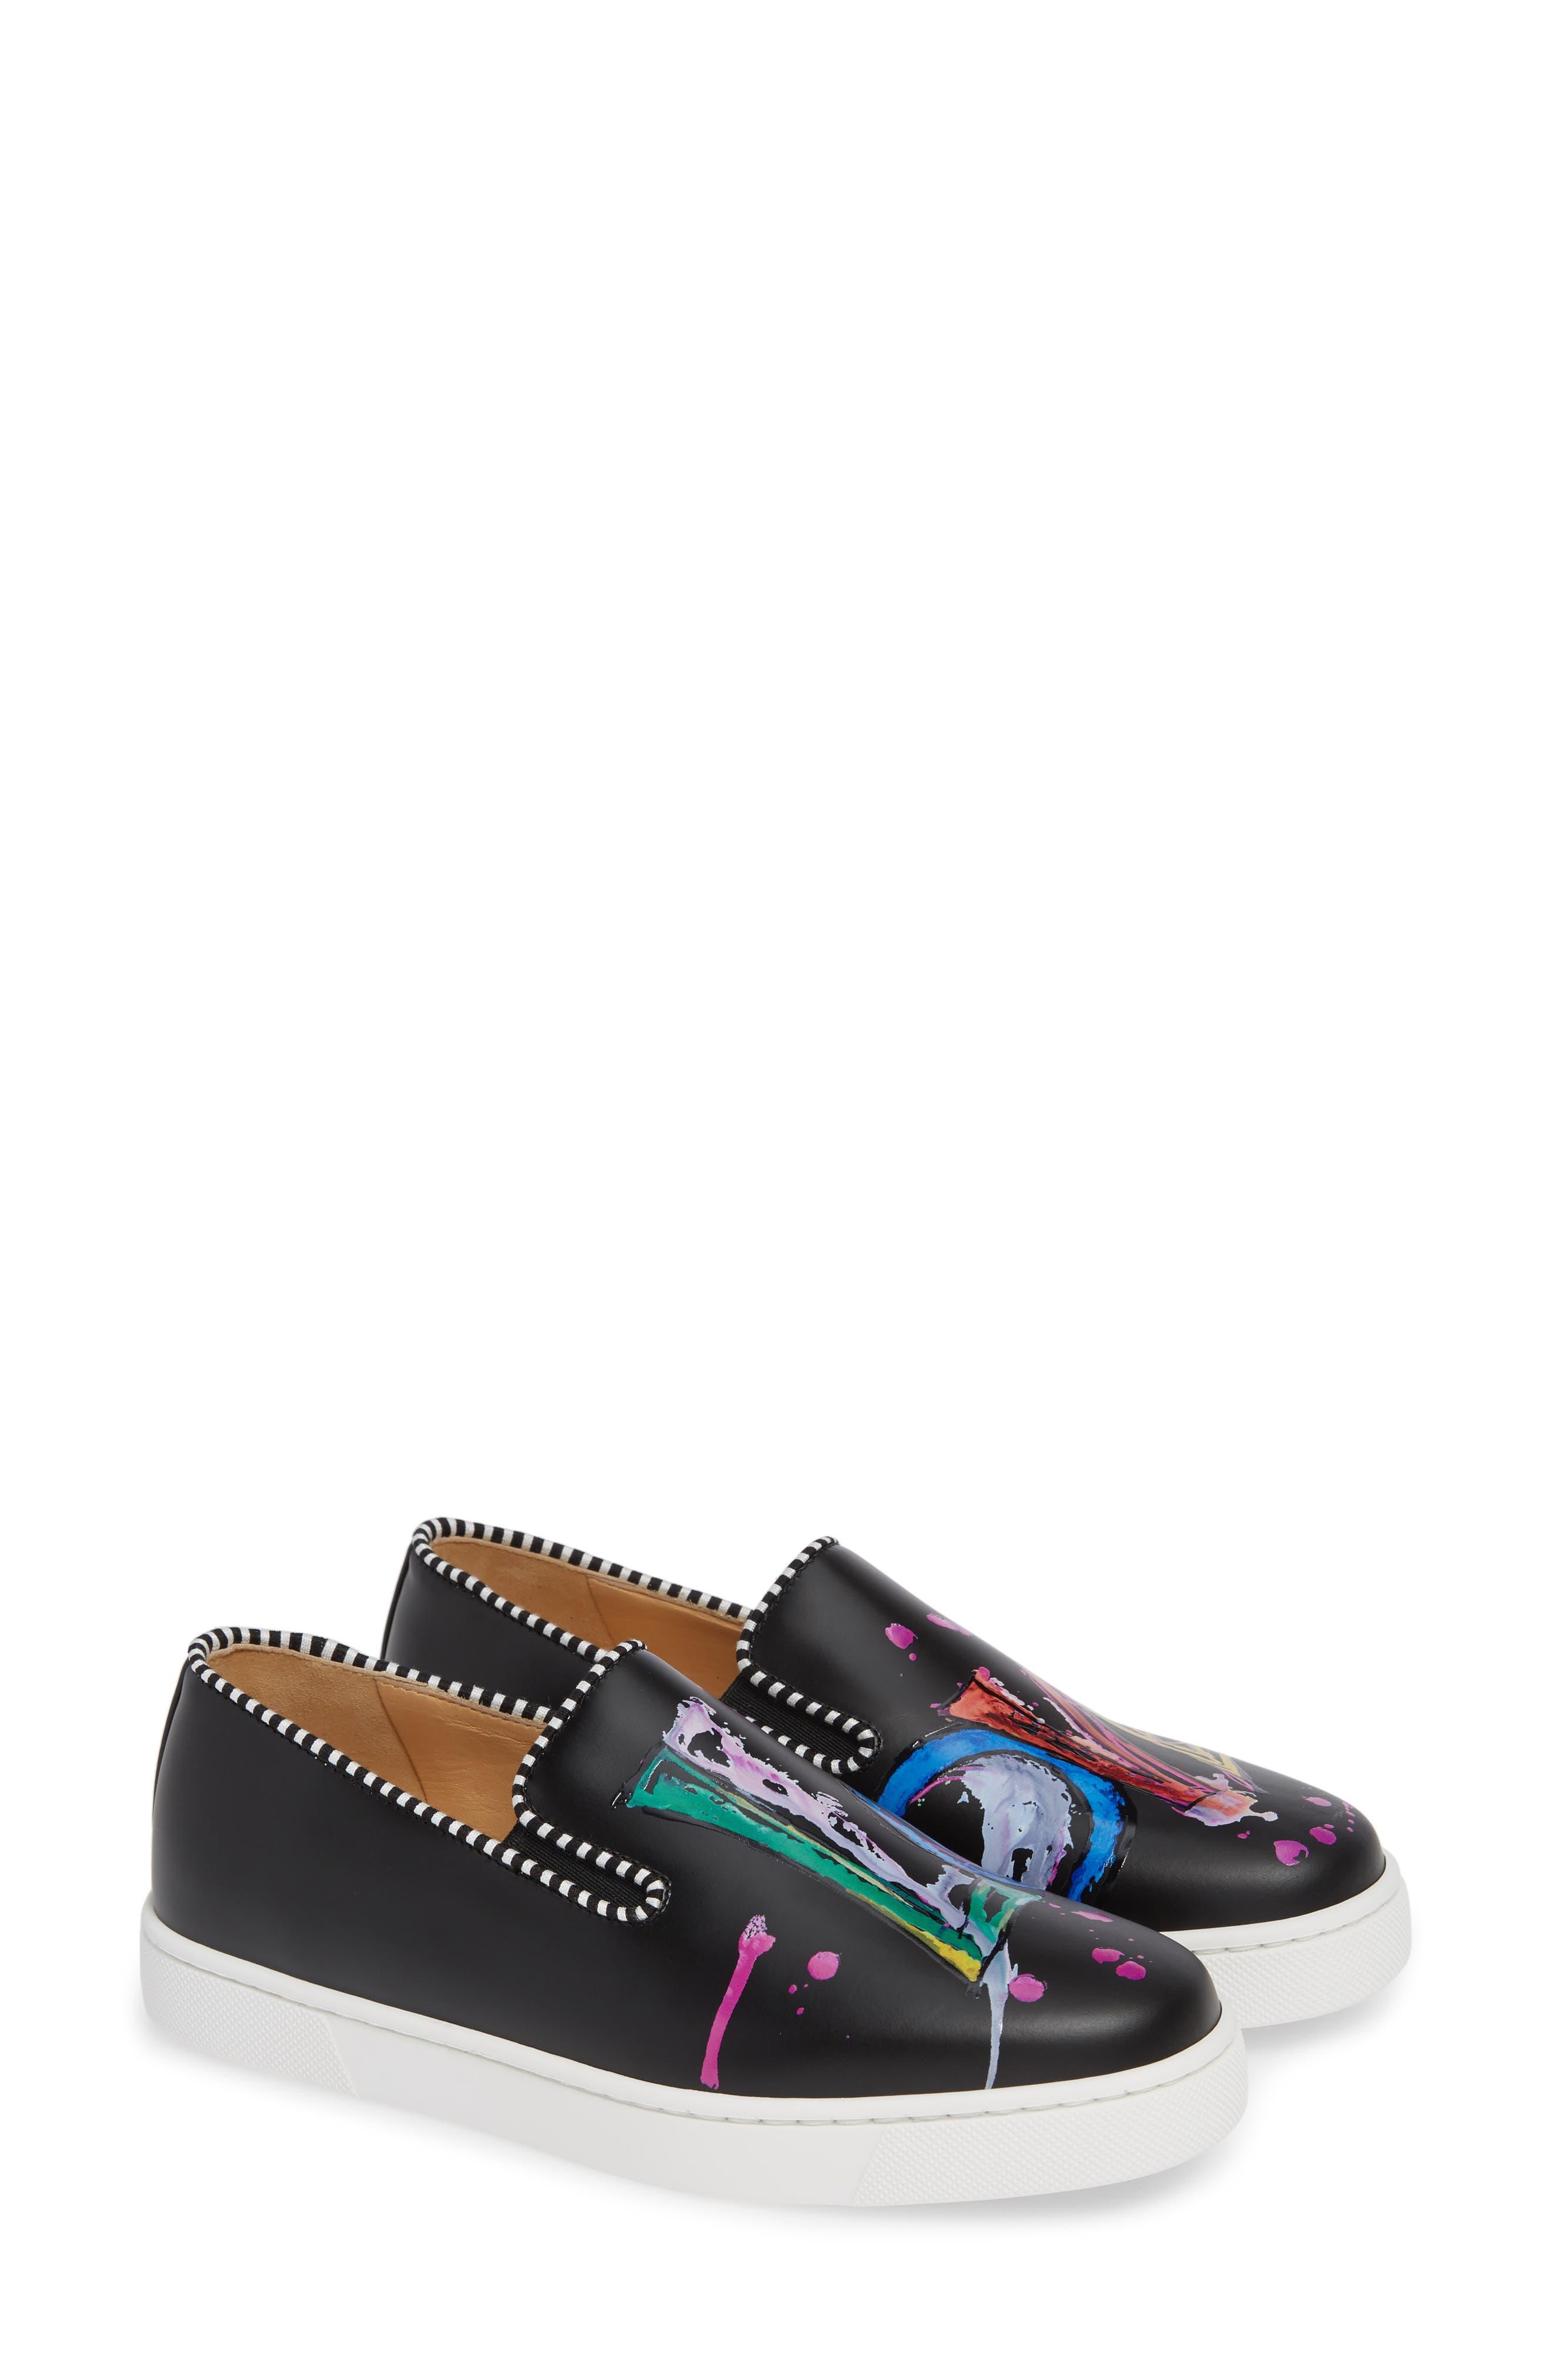 Loubi Love Slip-On Sneaker,                             Alternate thumbnail 2, color,                             BLACK